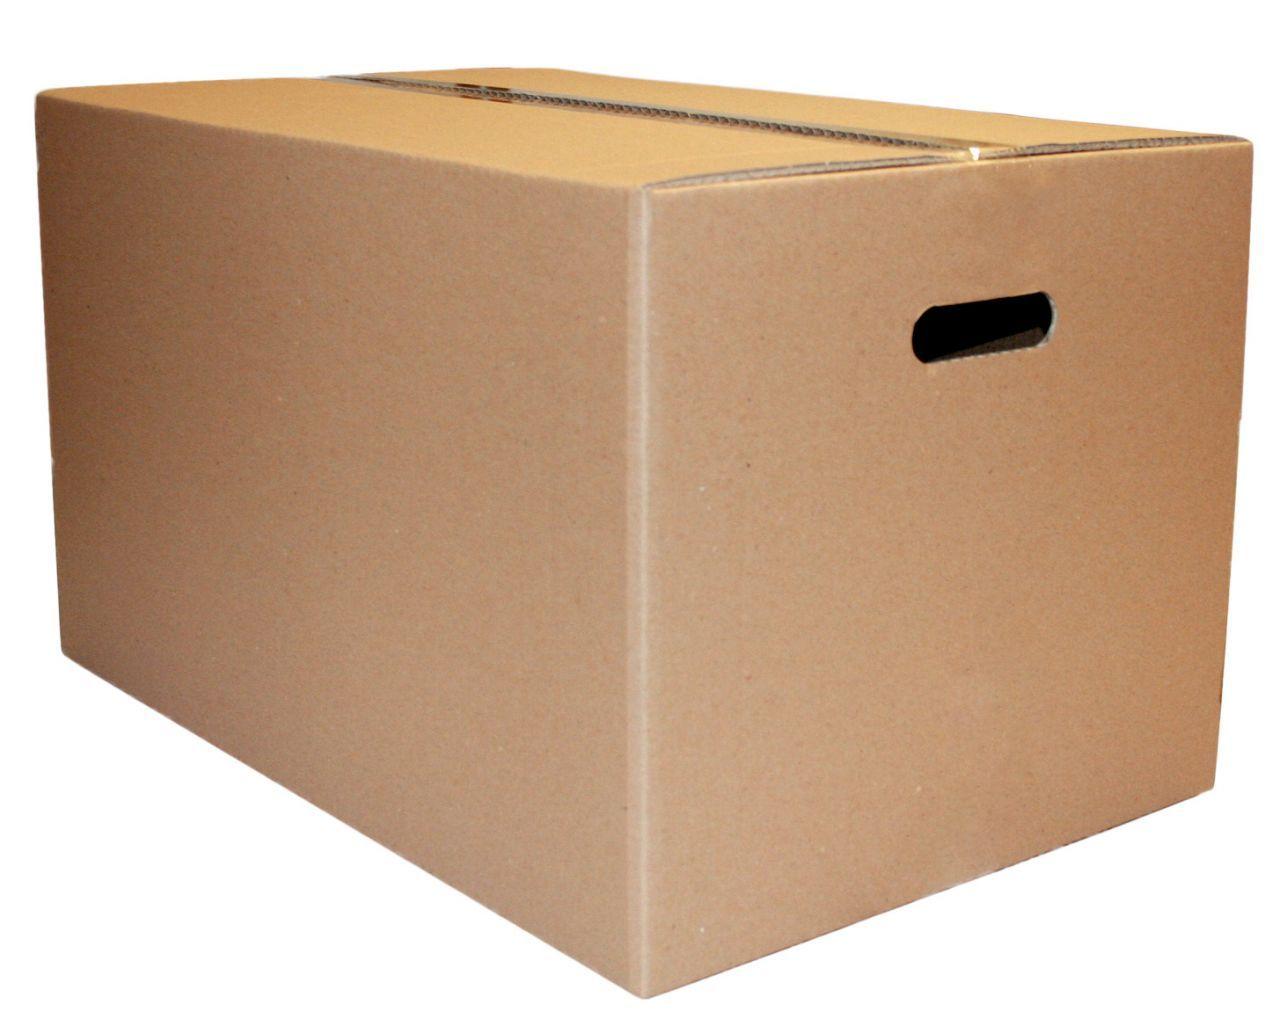 Csomagoló doboz TFL 600*400*400 mm ( 3 rétegű ) 10 db/köteg